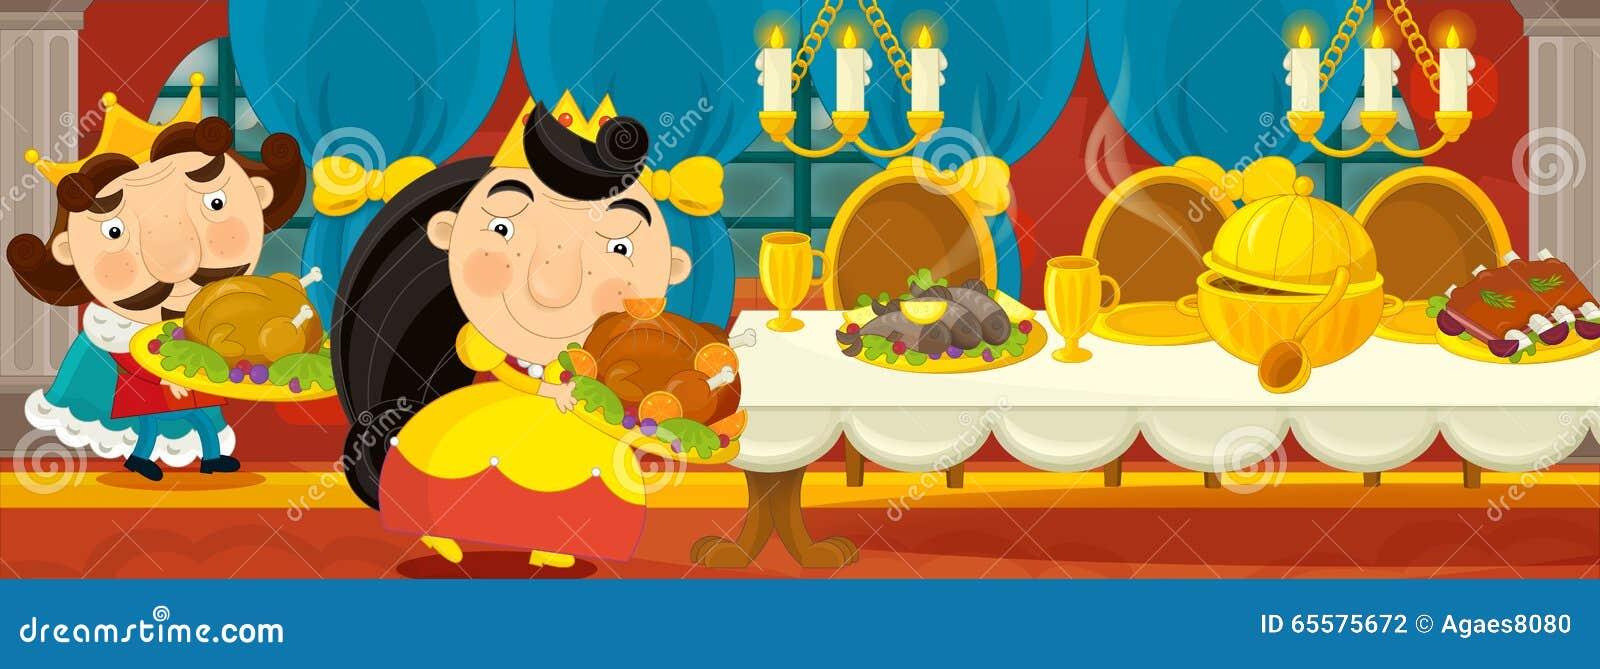 Cena medieval dos desenhos animados - imagem para contos de fadas diferentes - rainha na sala de jantar